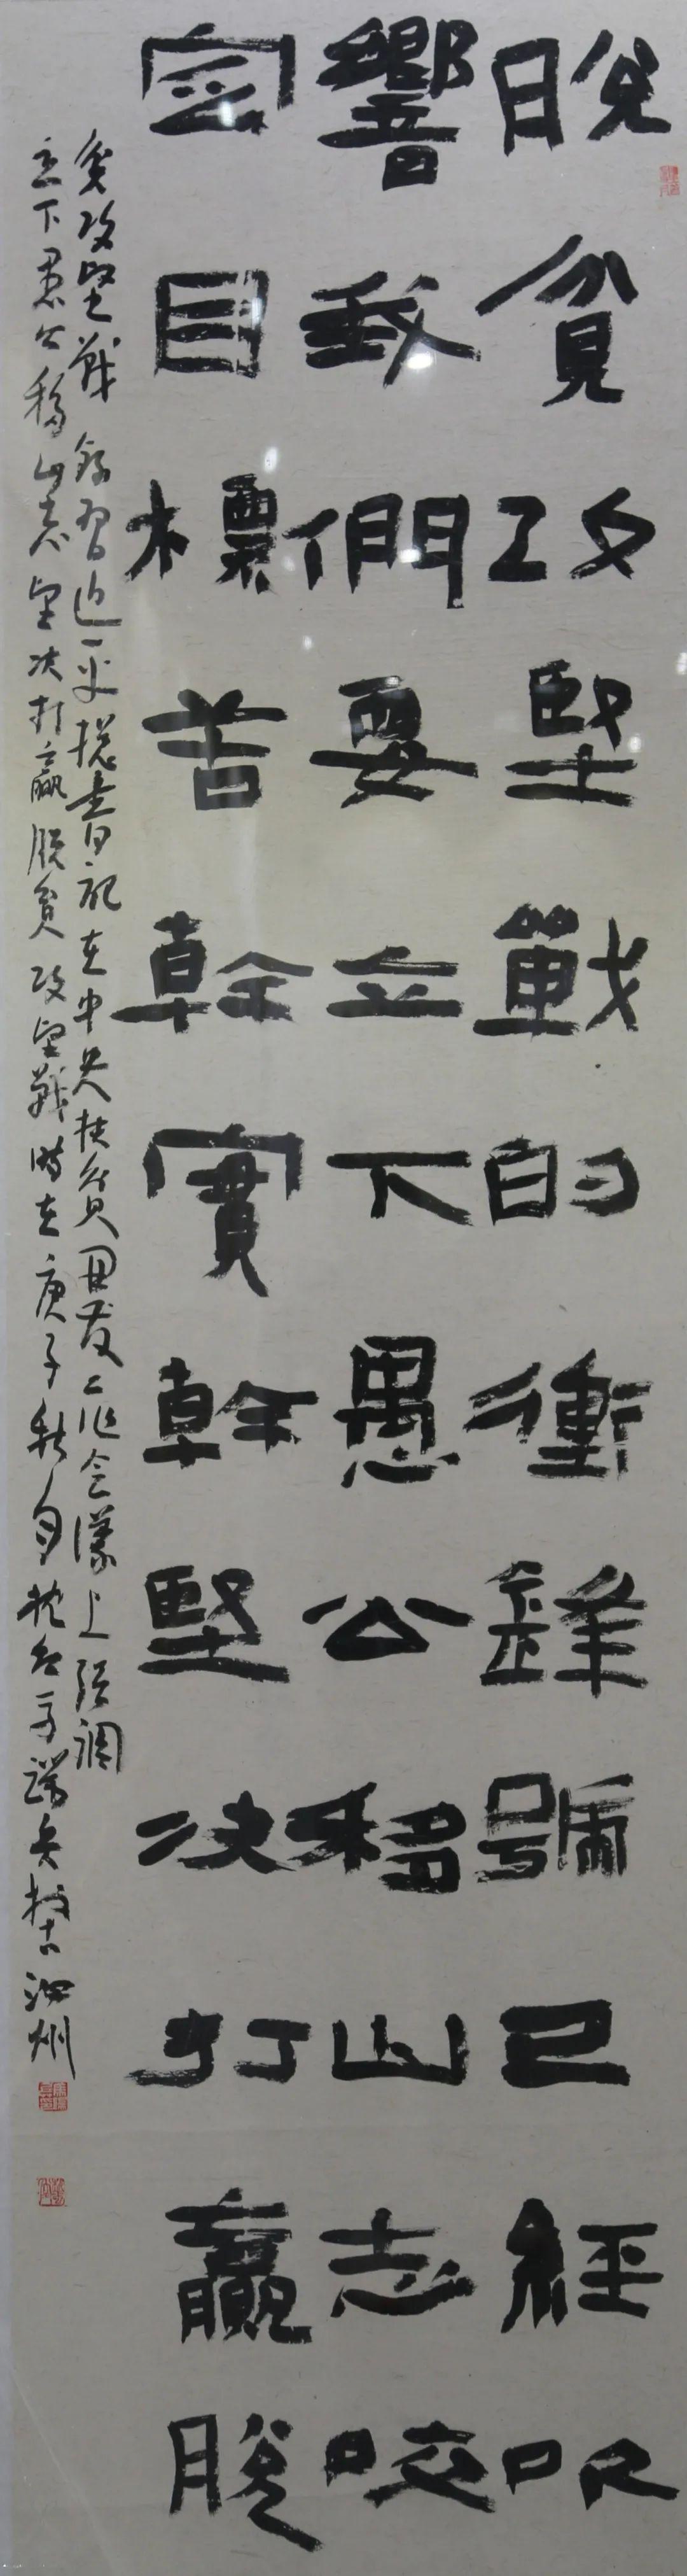 传承红色文化 携手共迎小康 苏皖两省六市书画展在蚌埠开幕(图31)